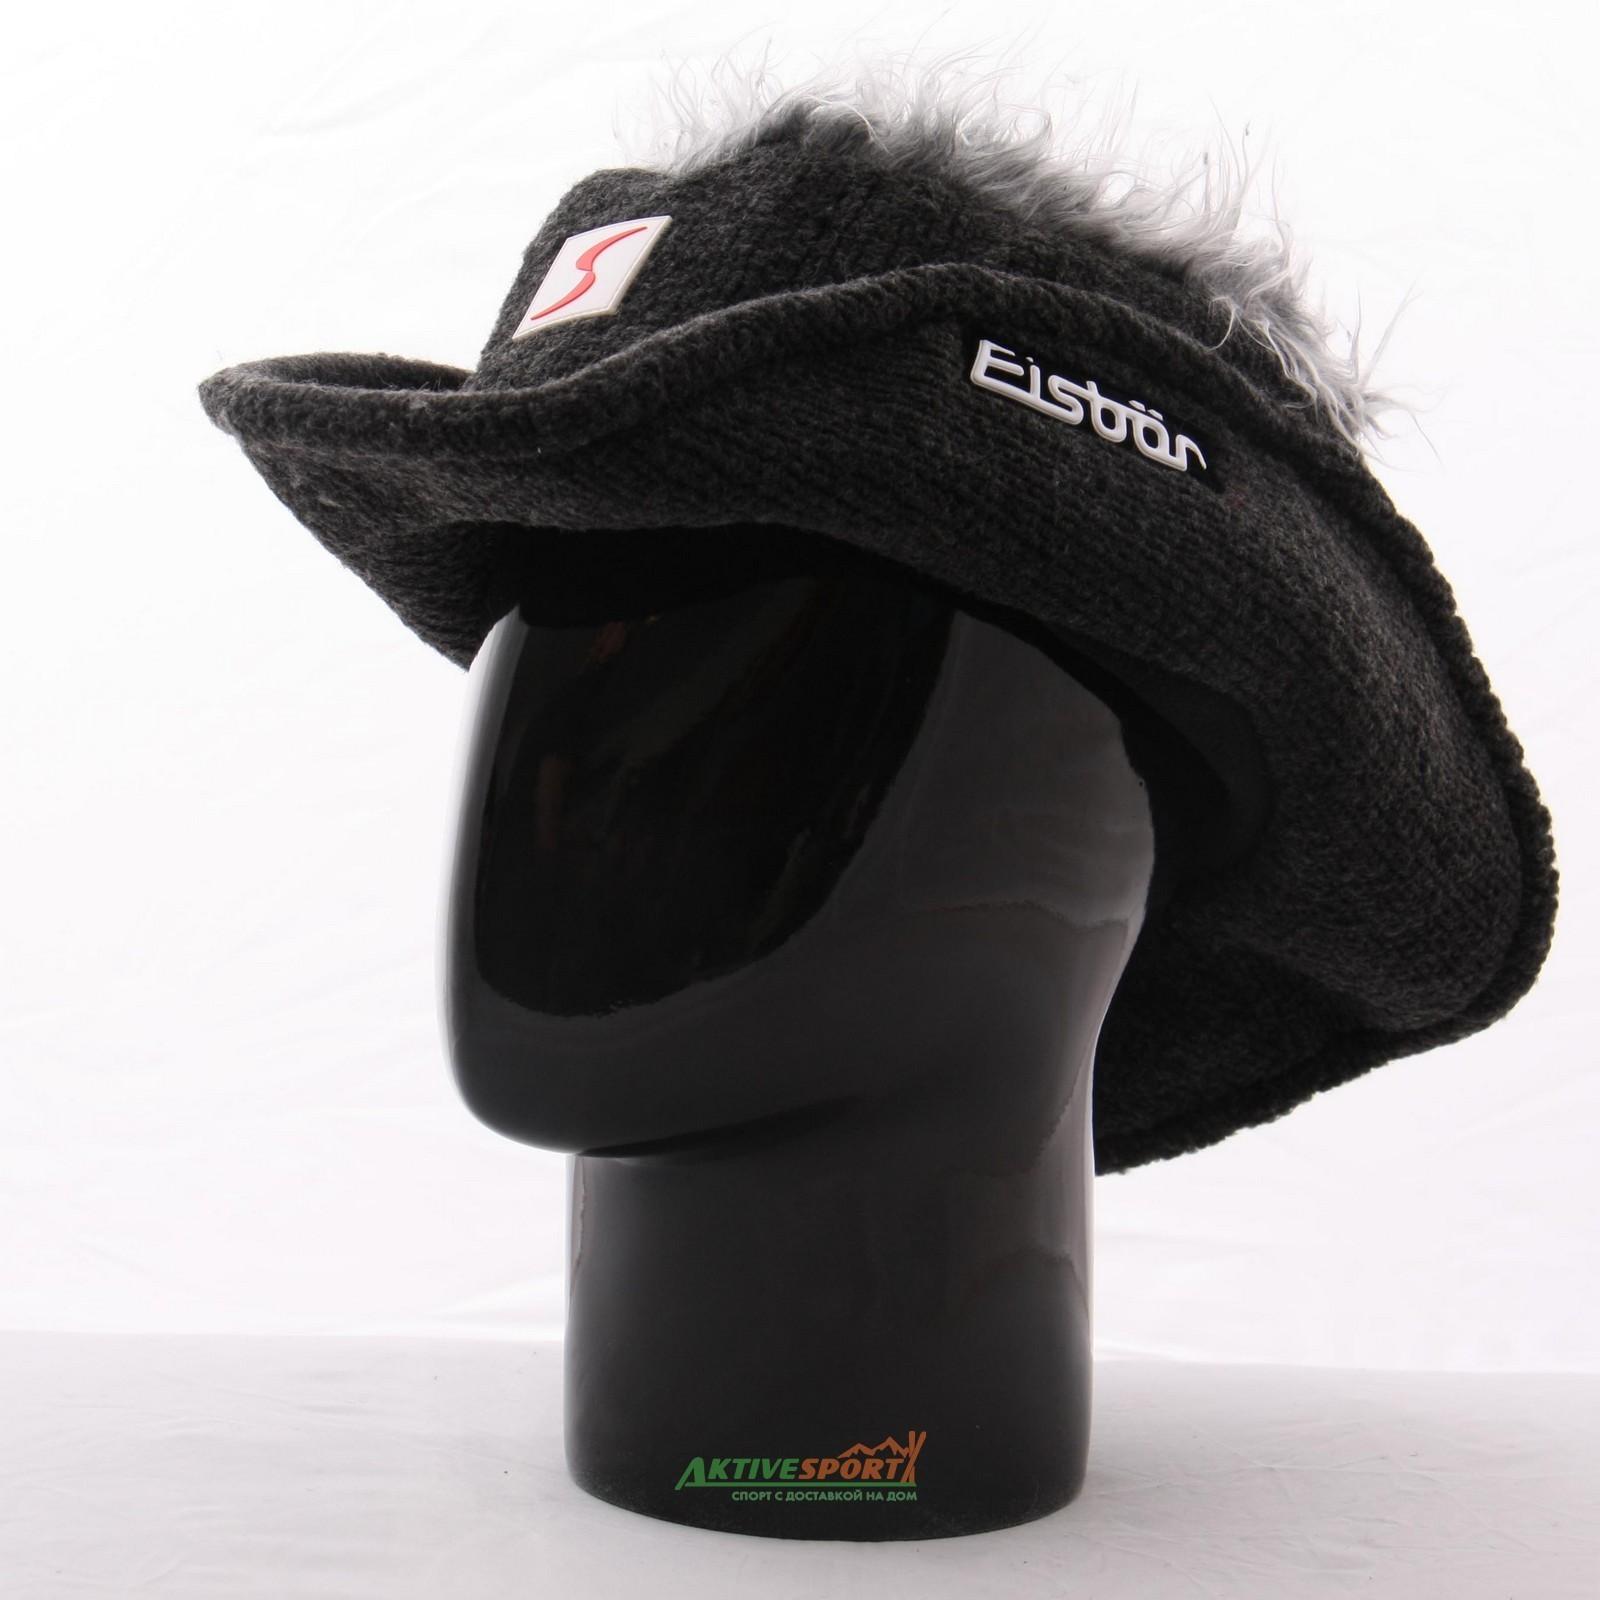 Eisbar Шляпа горнолыжная с волосами Eisbar Henry Hat SP 408 403507-408.jpg